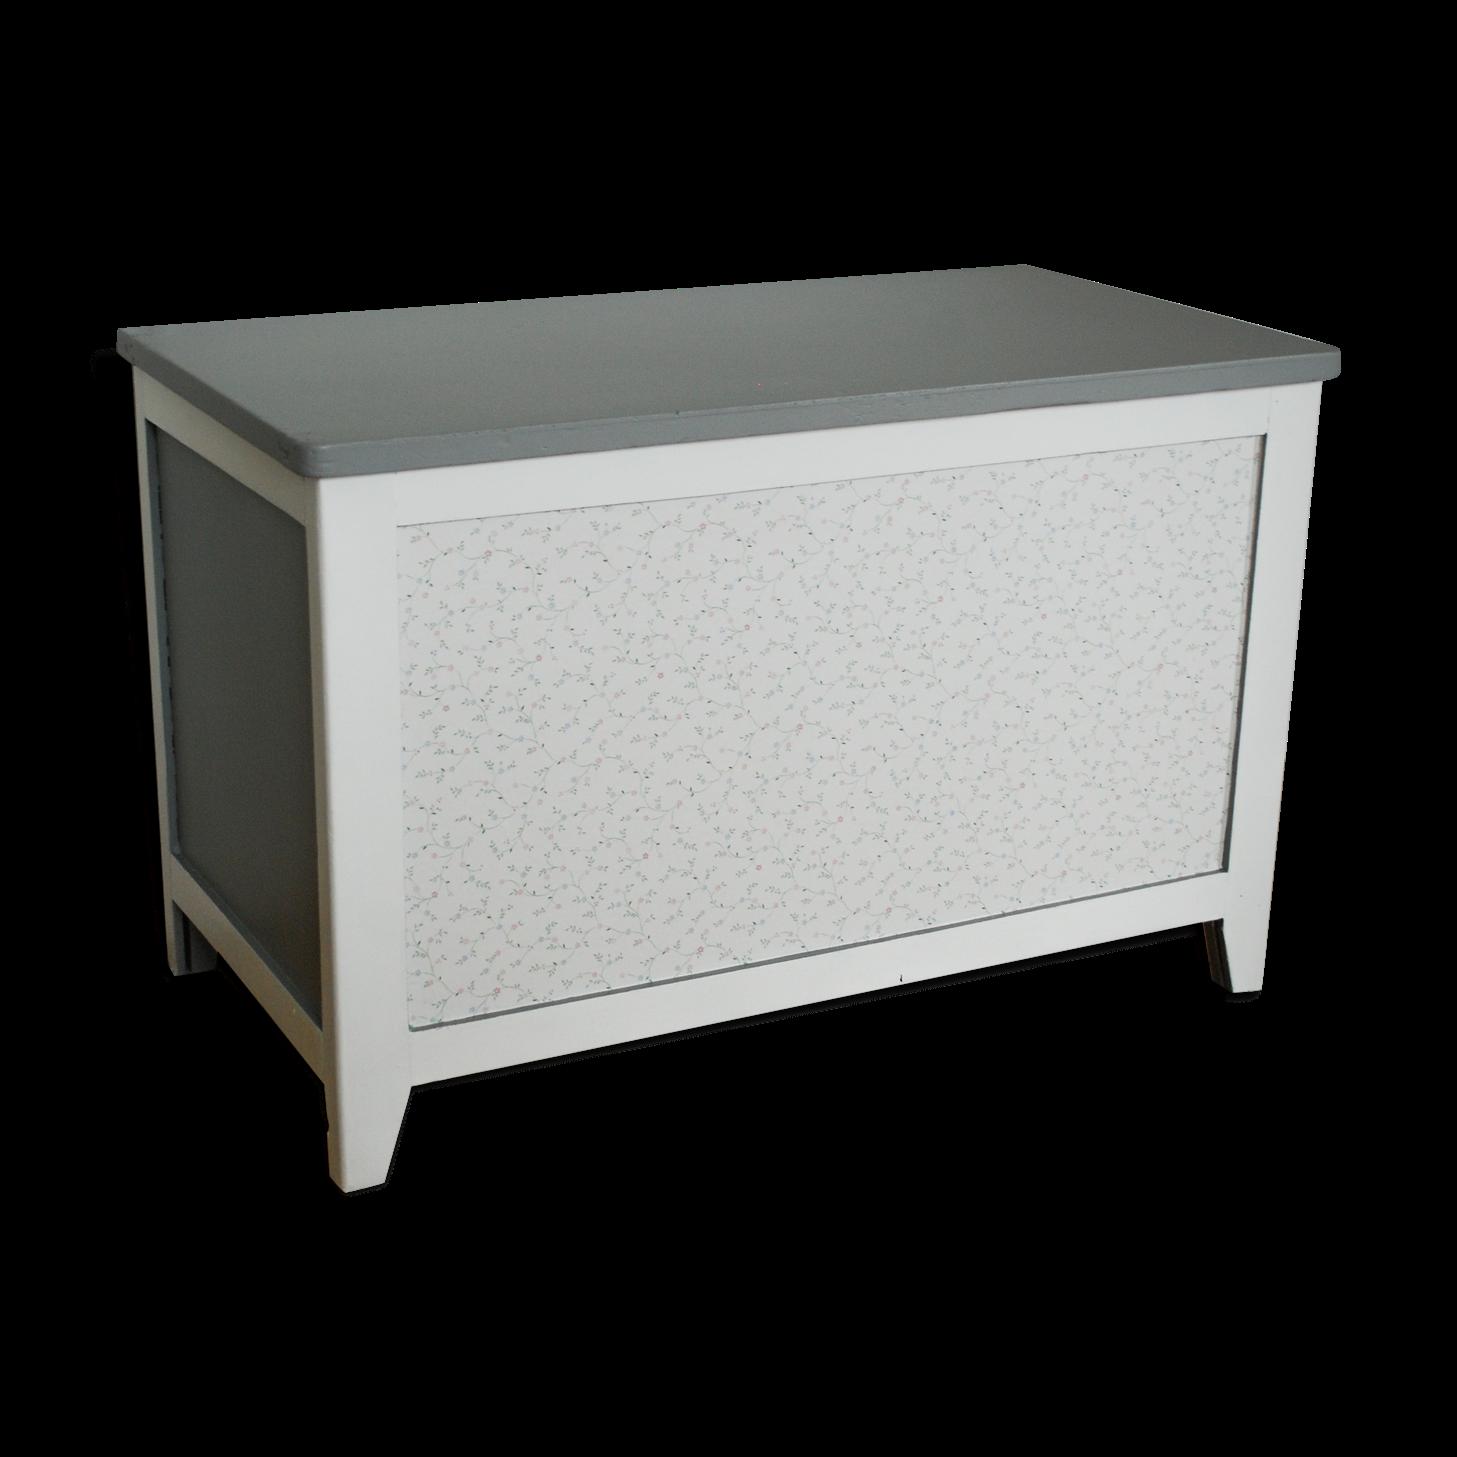 caisse de rangement jouet finest meuble de rangement jouet magnifique coffre jouet caisse de. Black Bedroom Furniture Sets. Home Design Ideas